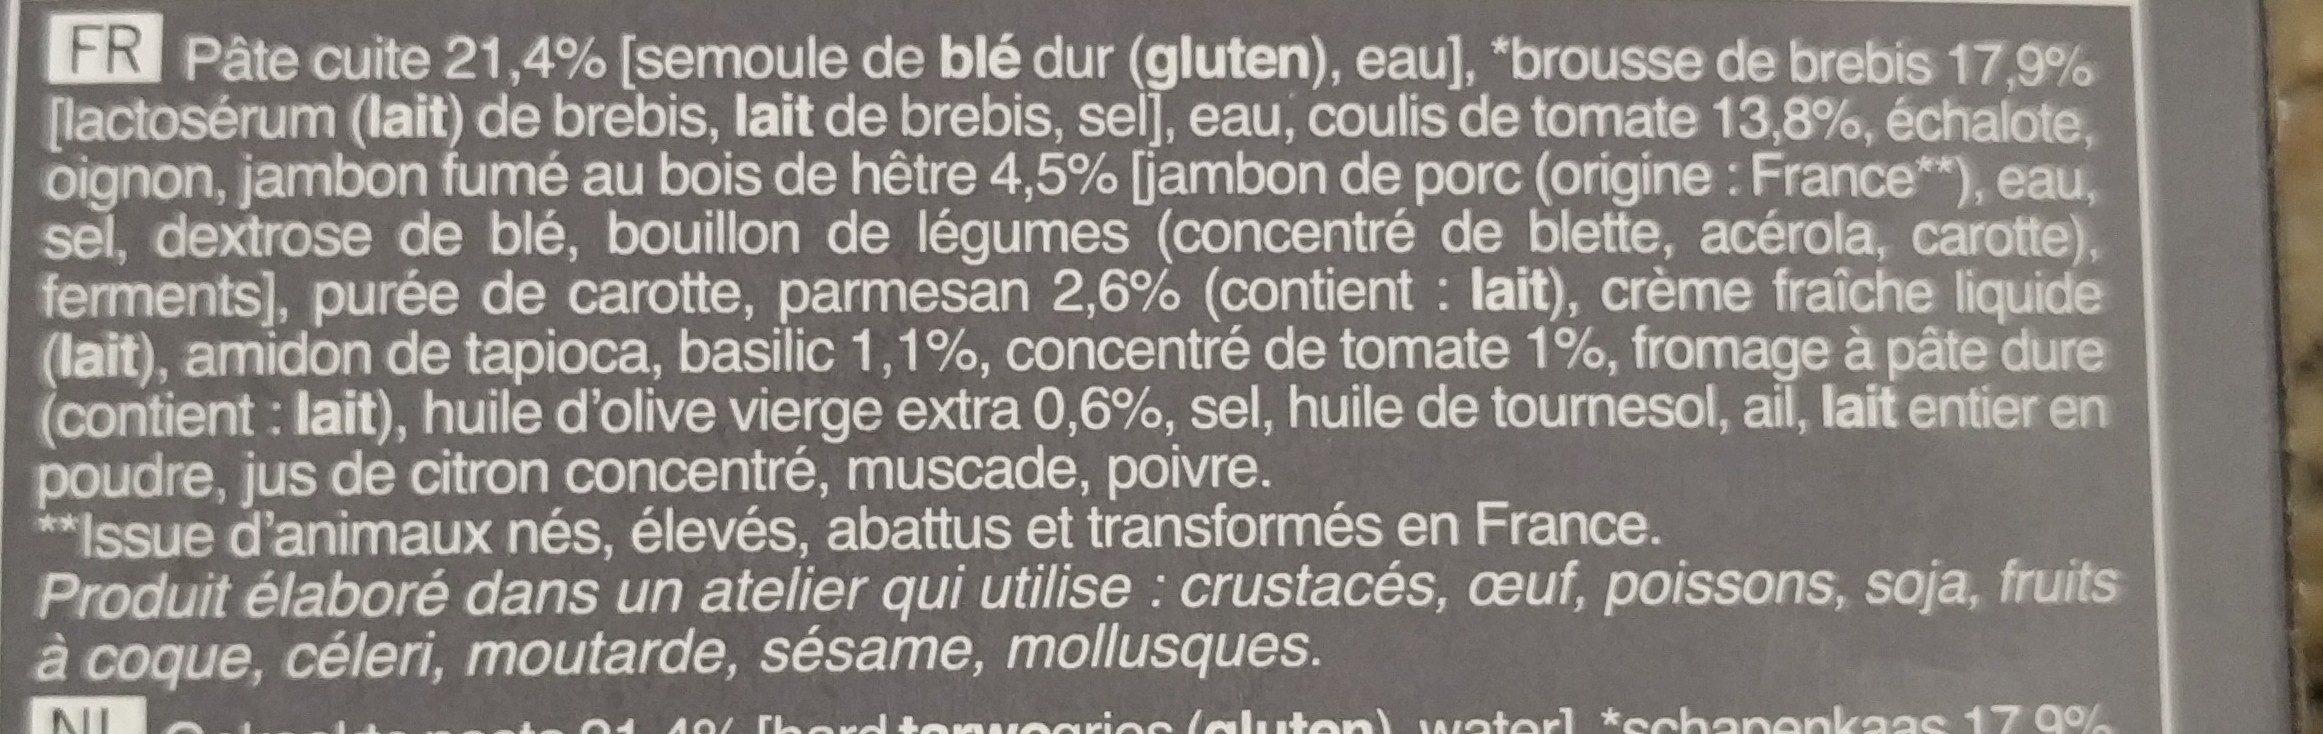 Gratin de conchiglioni - Ingrédients - fr